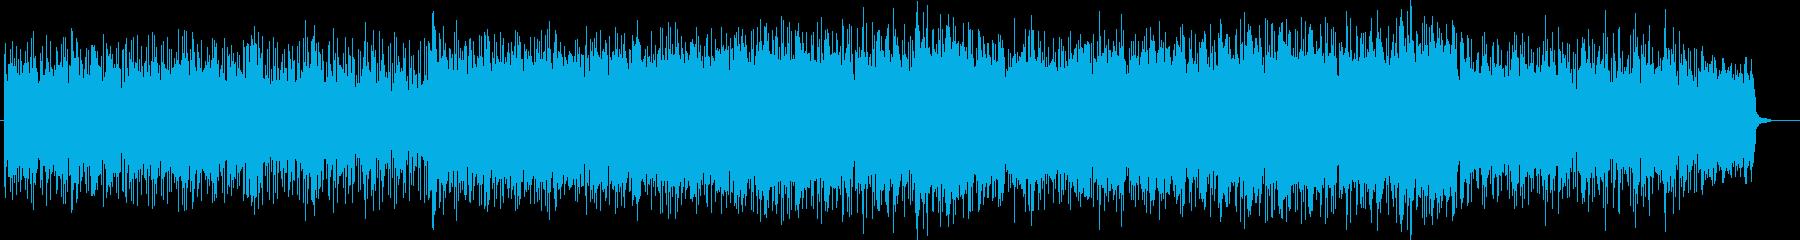 森にいる感覚のするニューエイジBGMの再生済みの波形